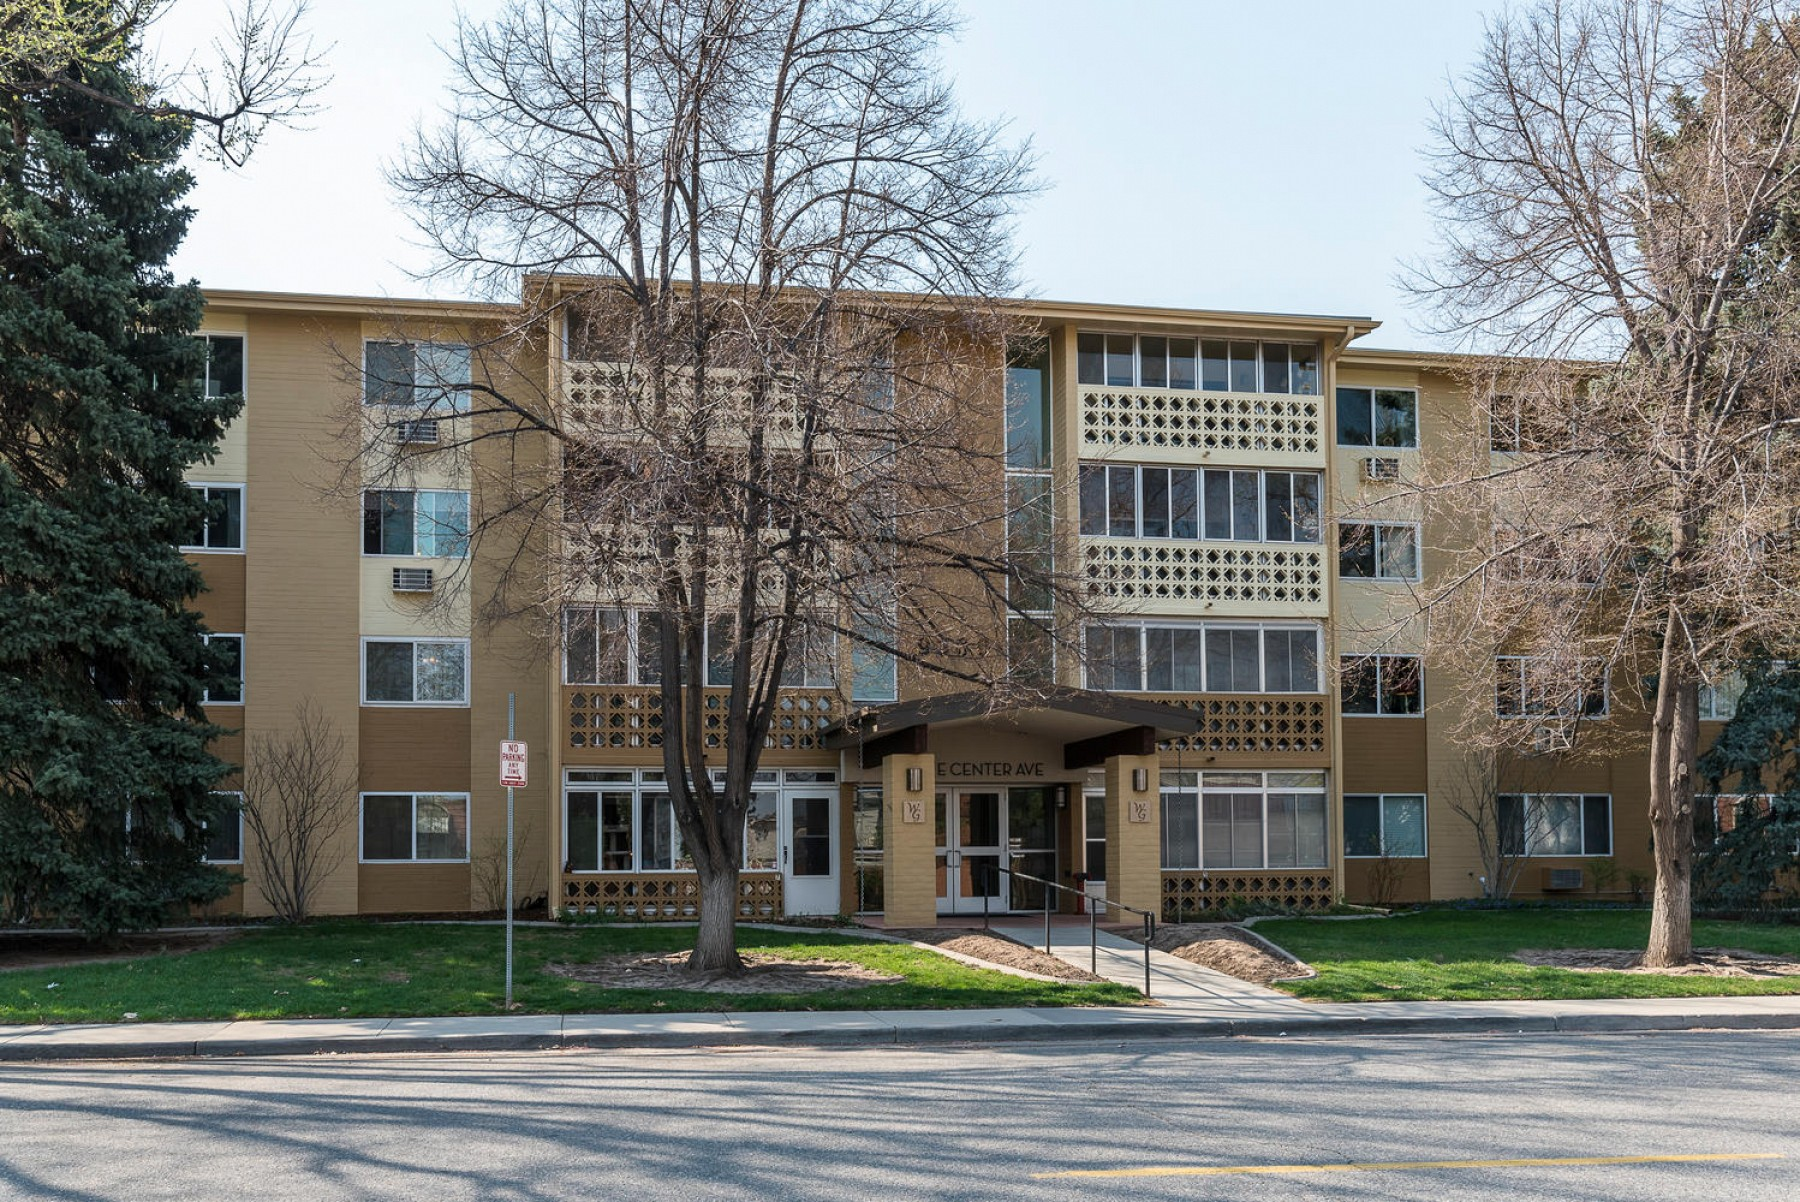 9300 E. Center Avenue #4D, Denver, CO 80247